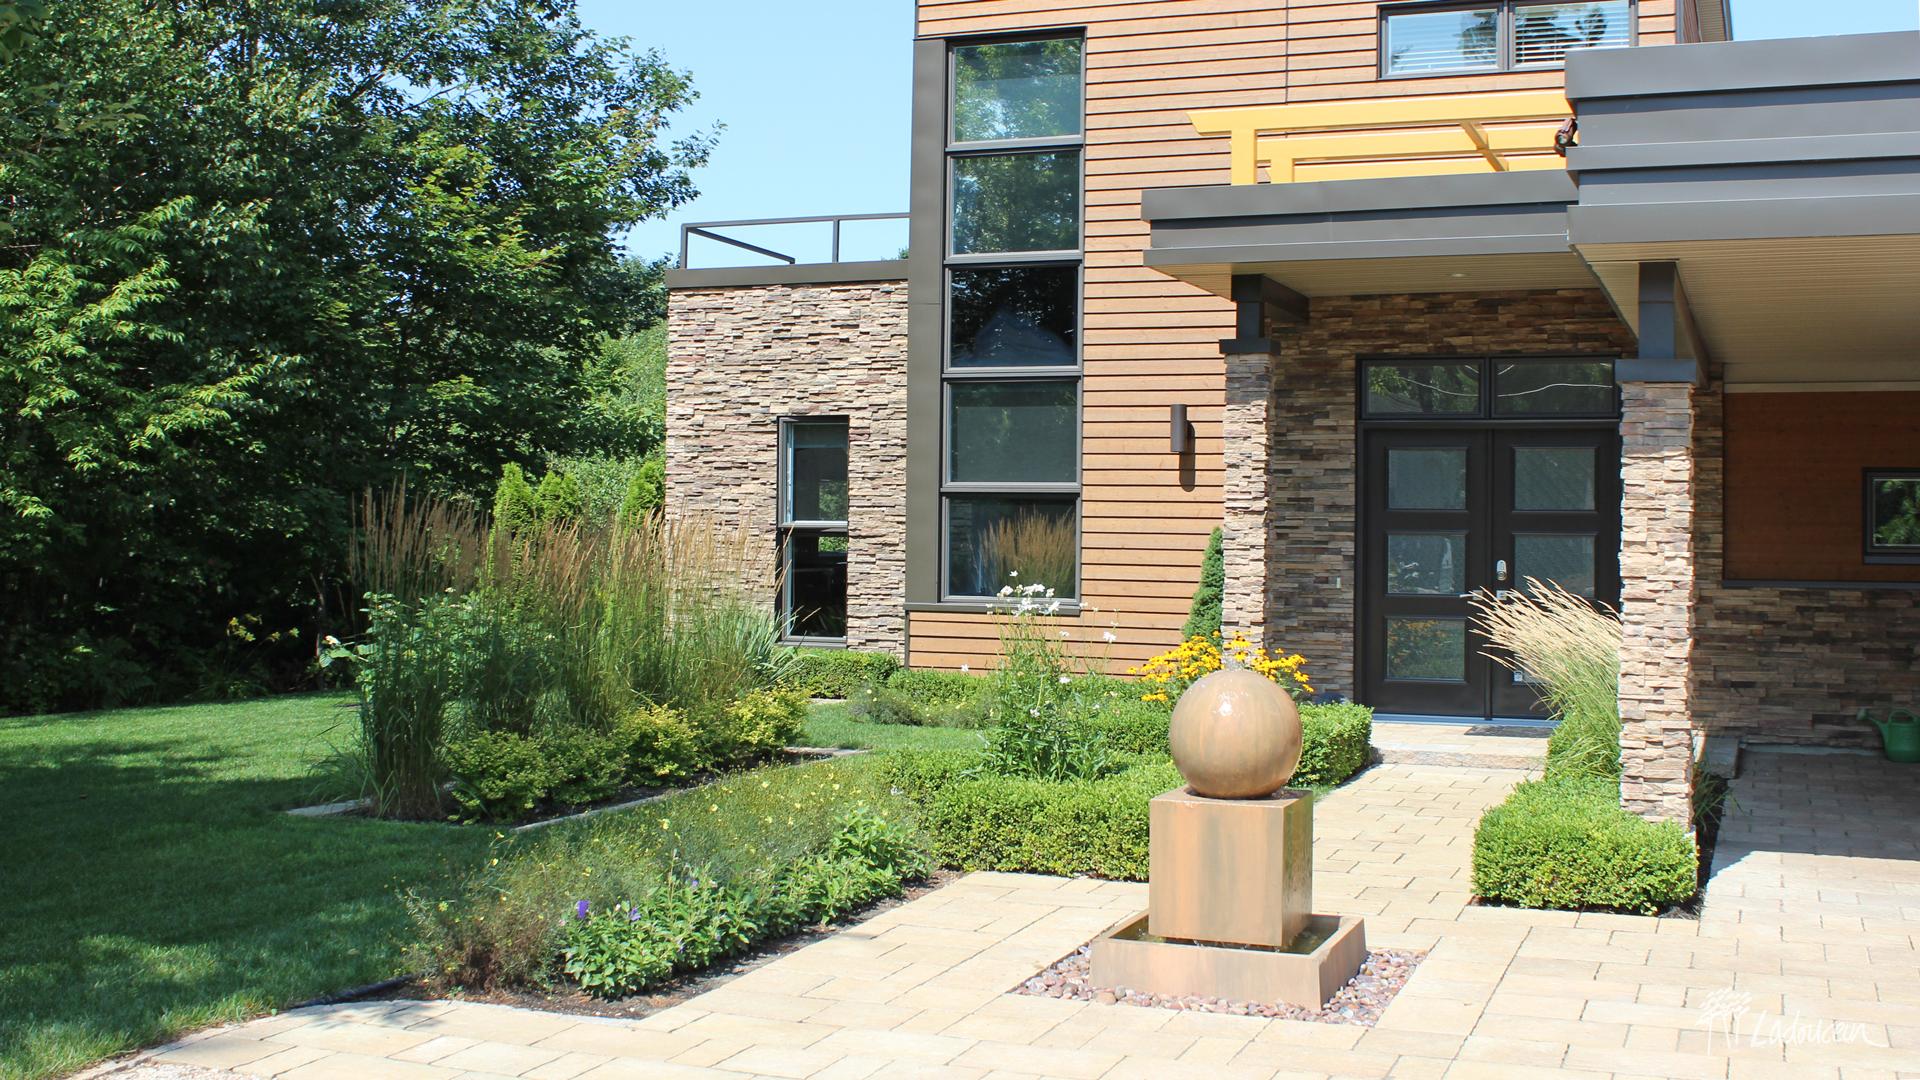 Aménagement paysager de façade contemporain fontaine d'eau oeuvre d'art et pavé et béton par Ladouceur paysagiste